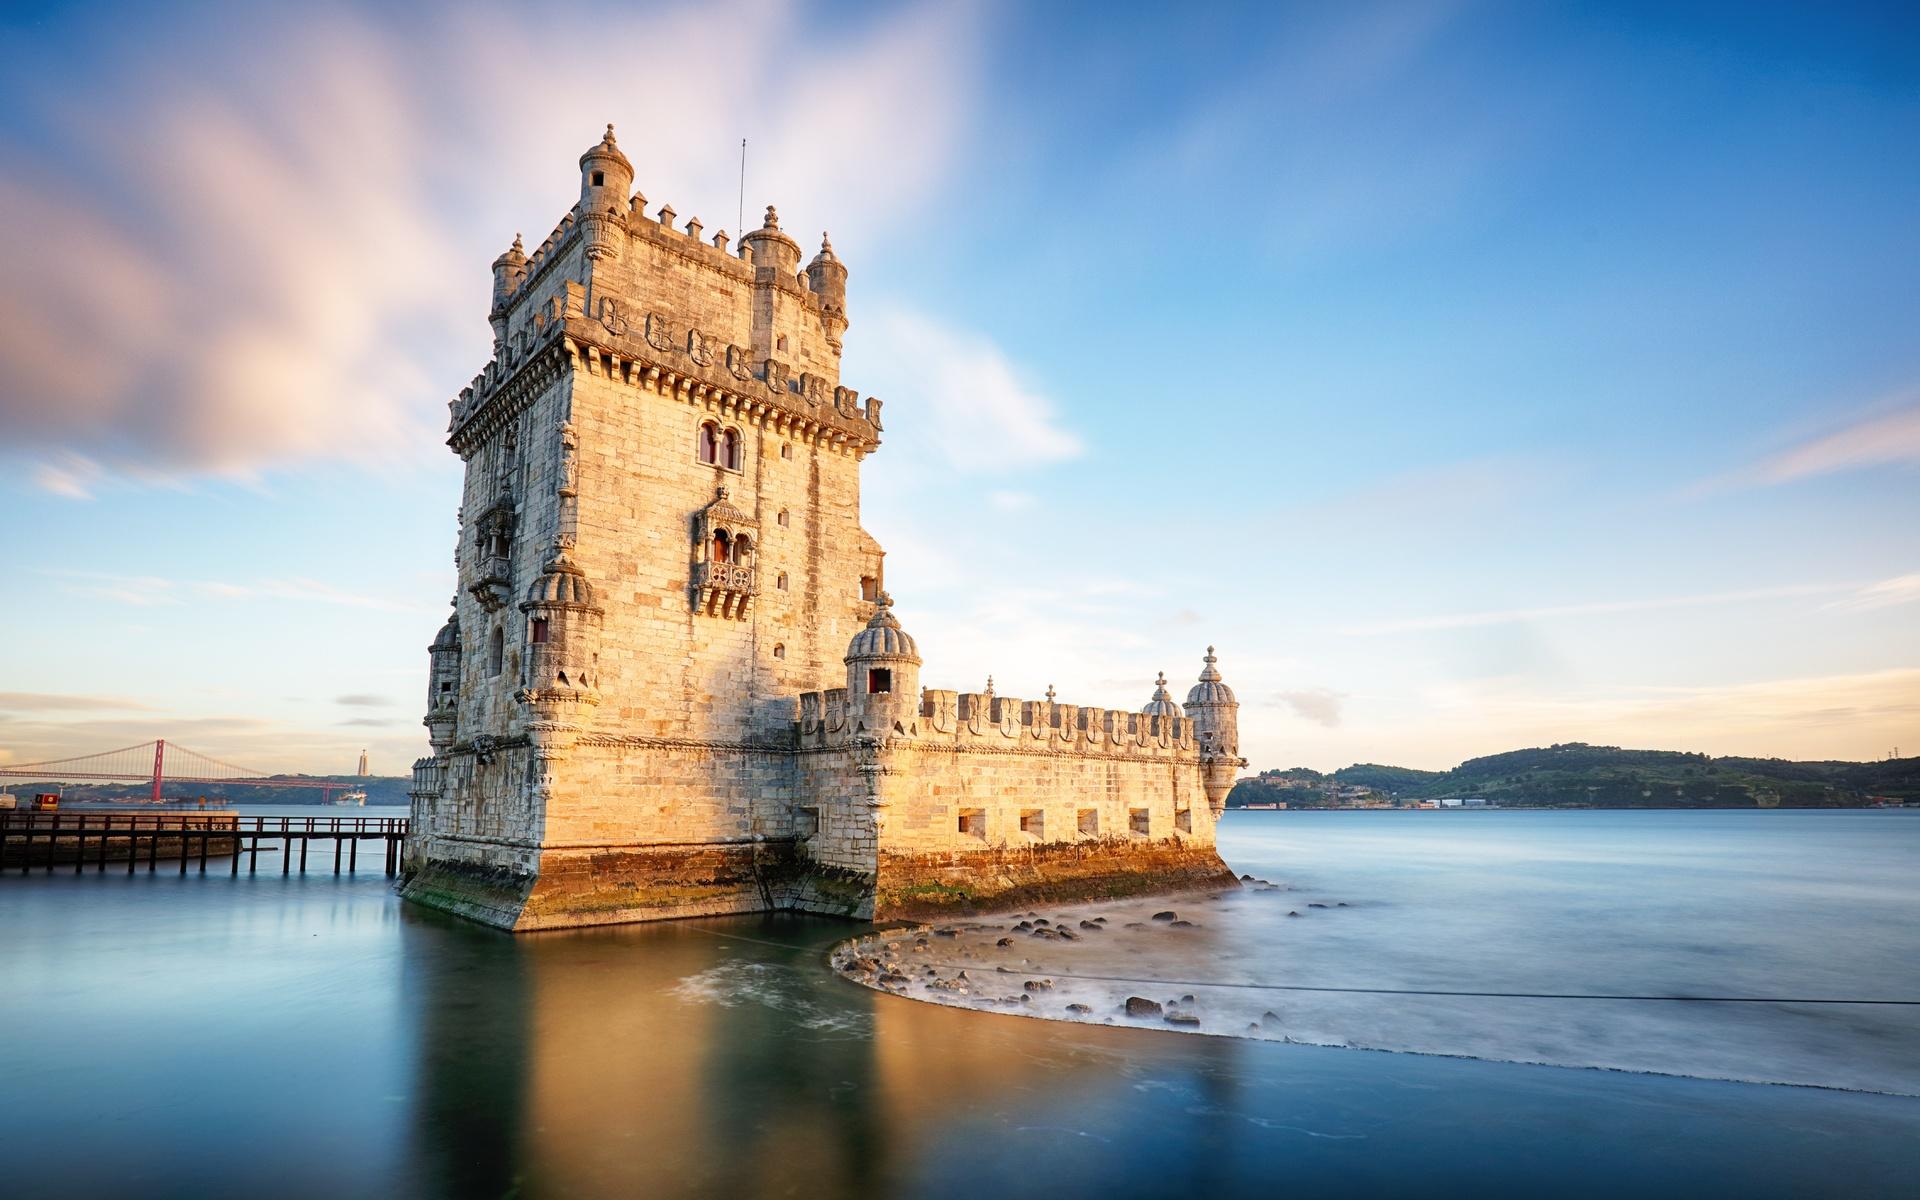 португалия, крепость, побережье, небо